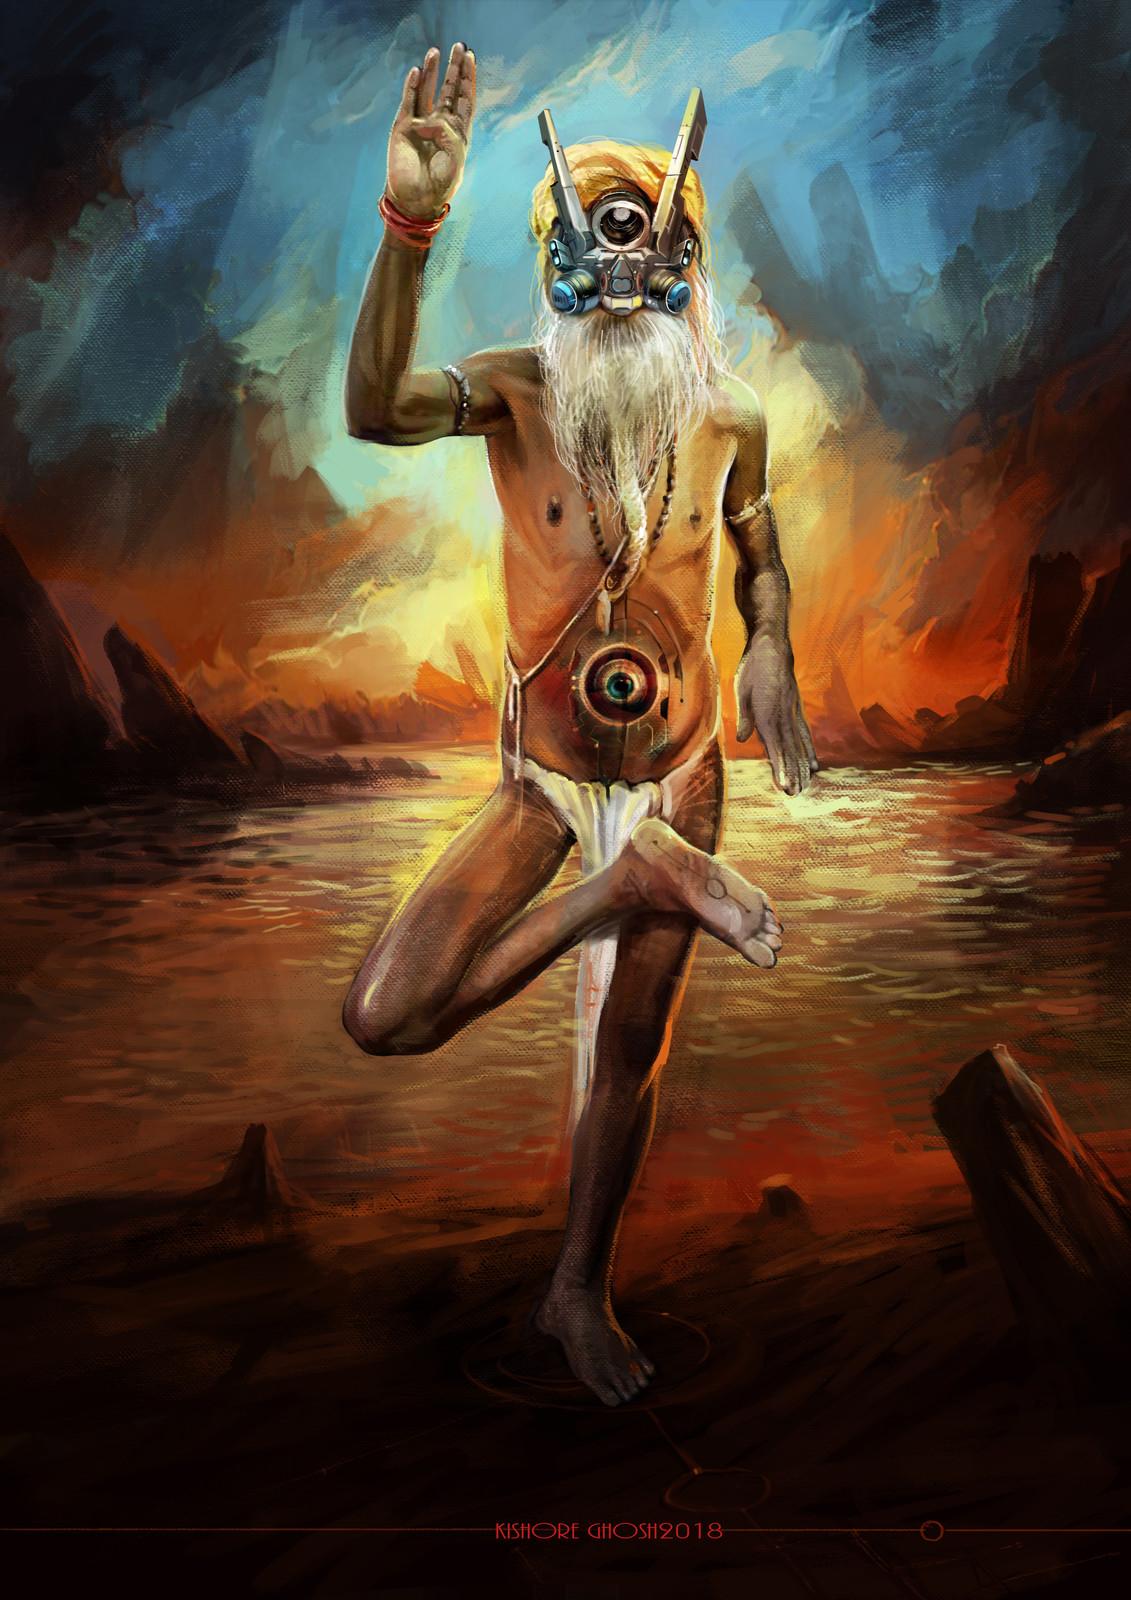 cyberpunk sadhu 2018